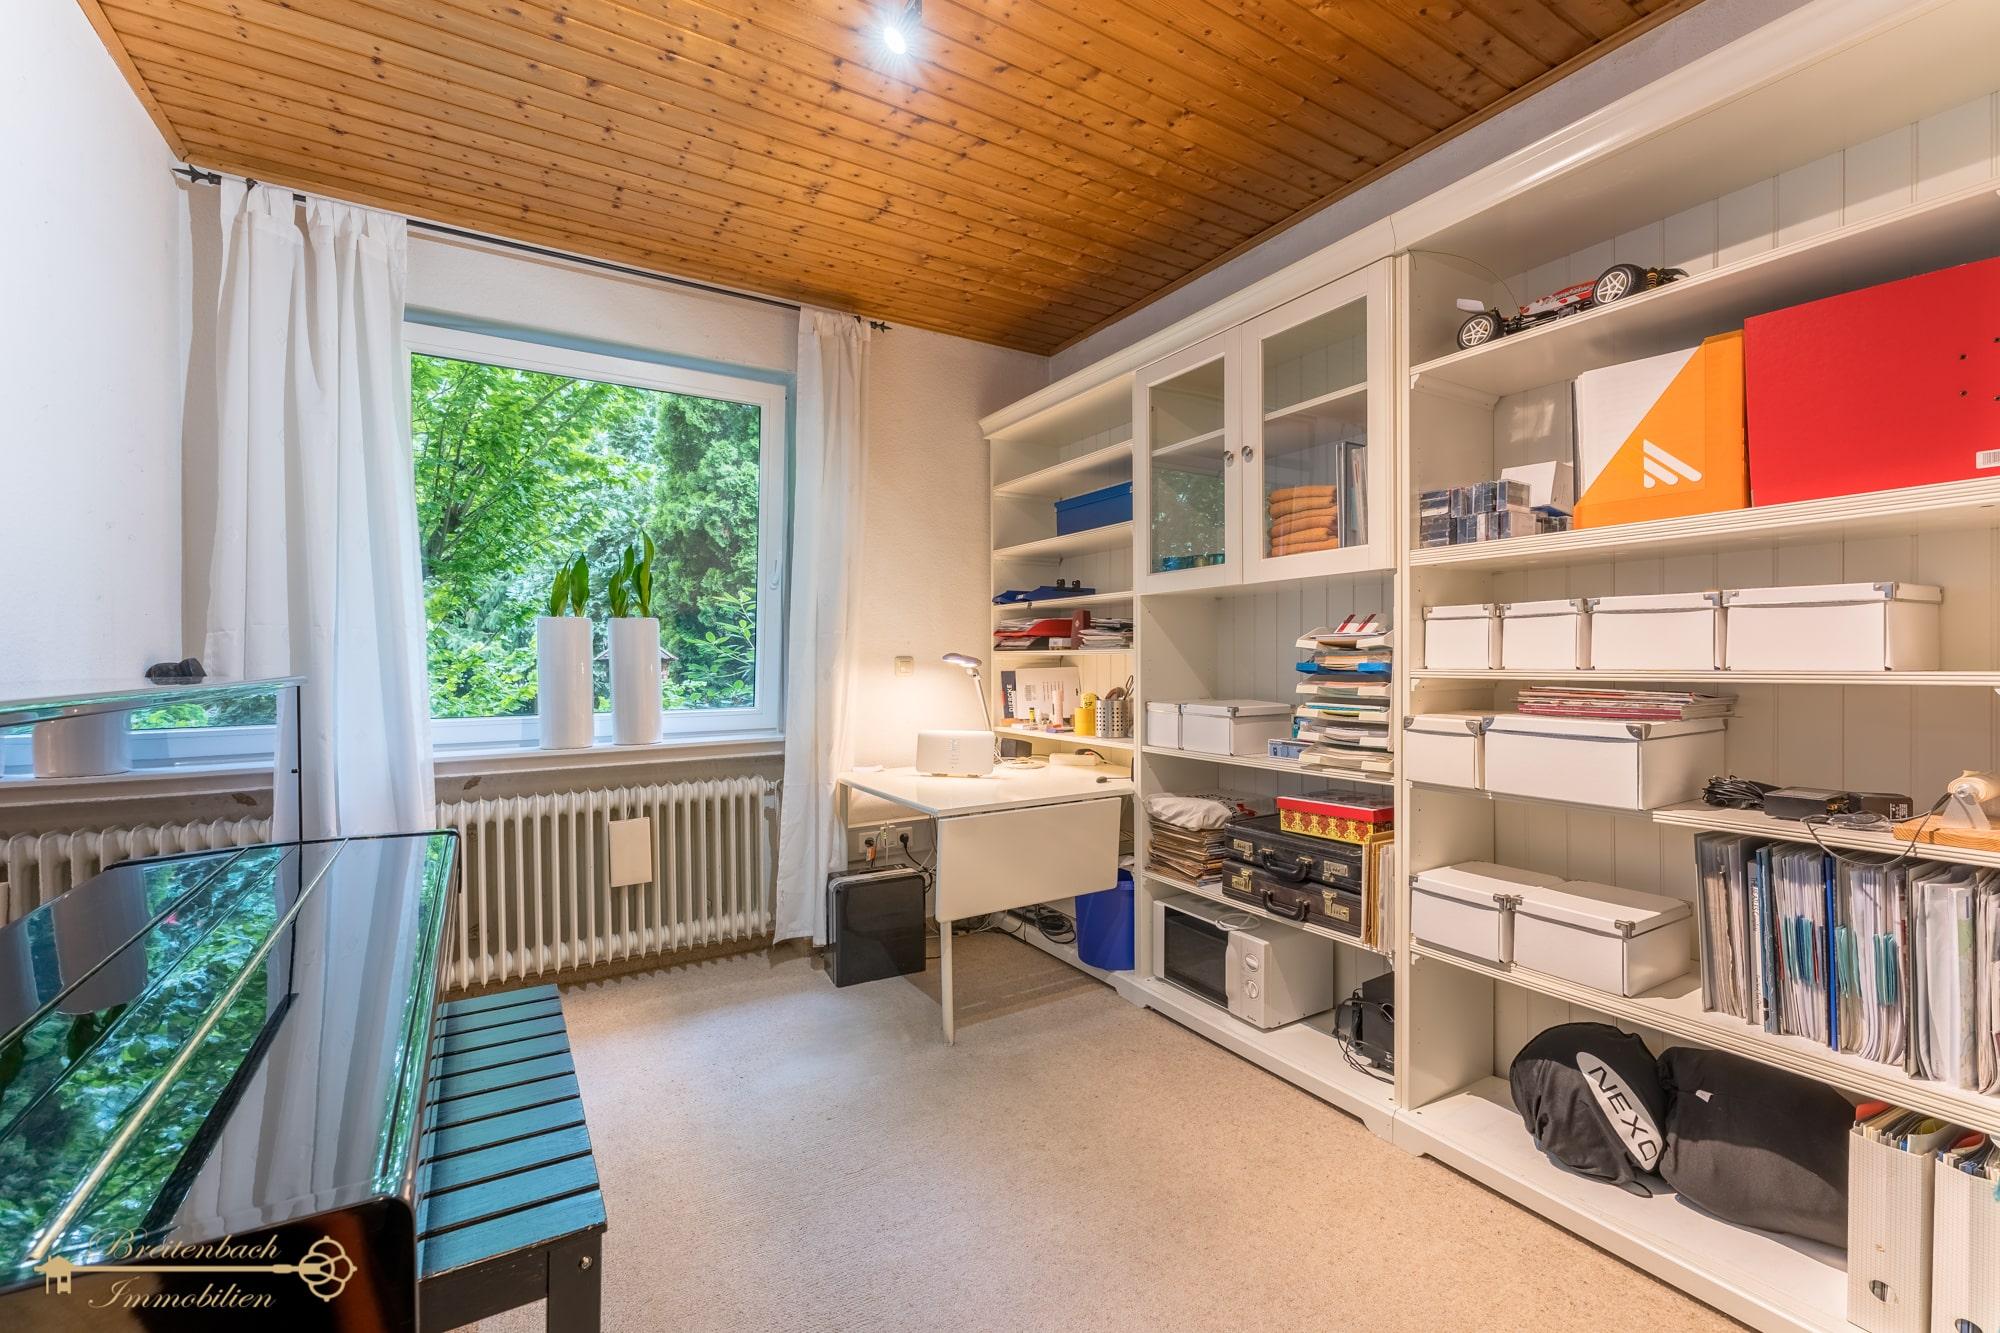 2021-07-23-Breitenbach-Immobilien-Makler-Bremen-2-min